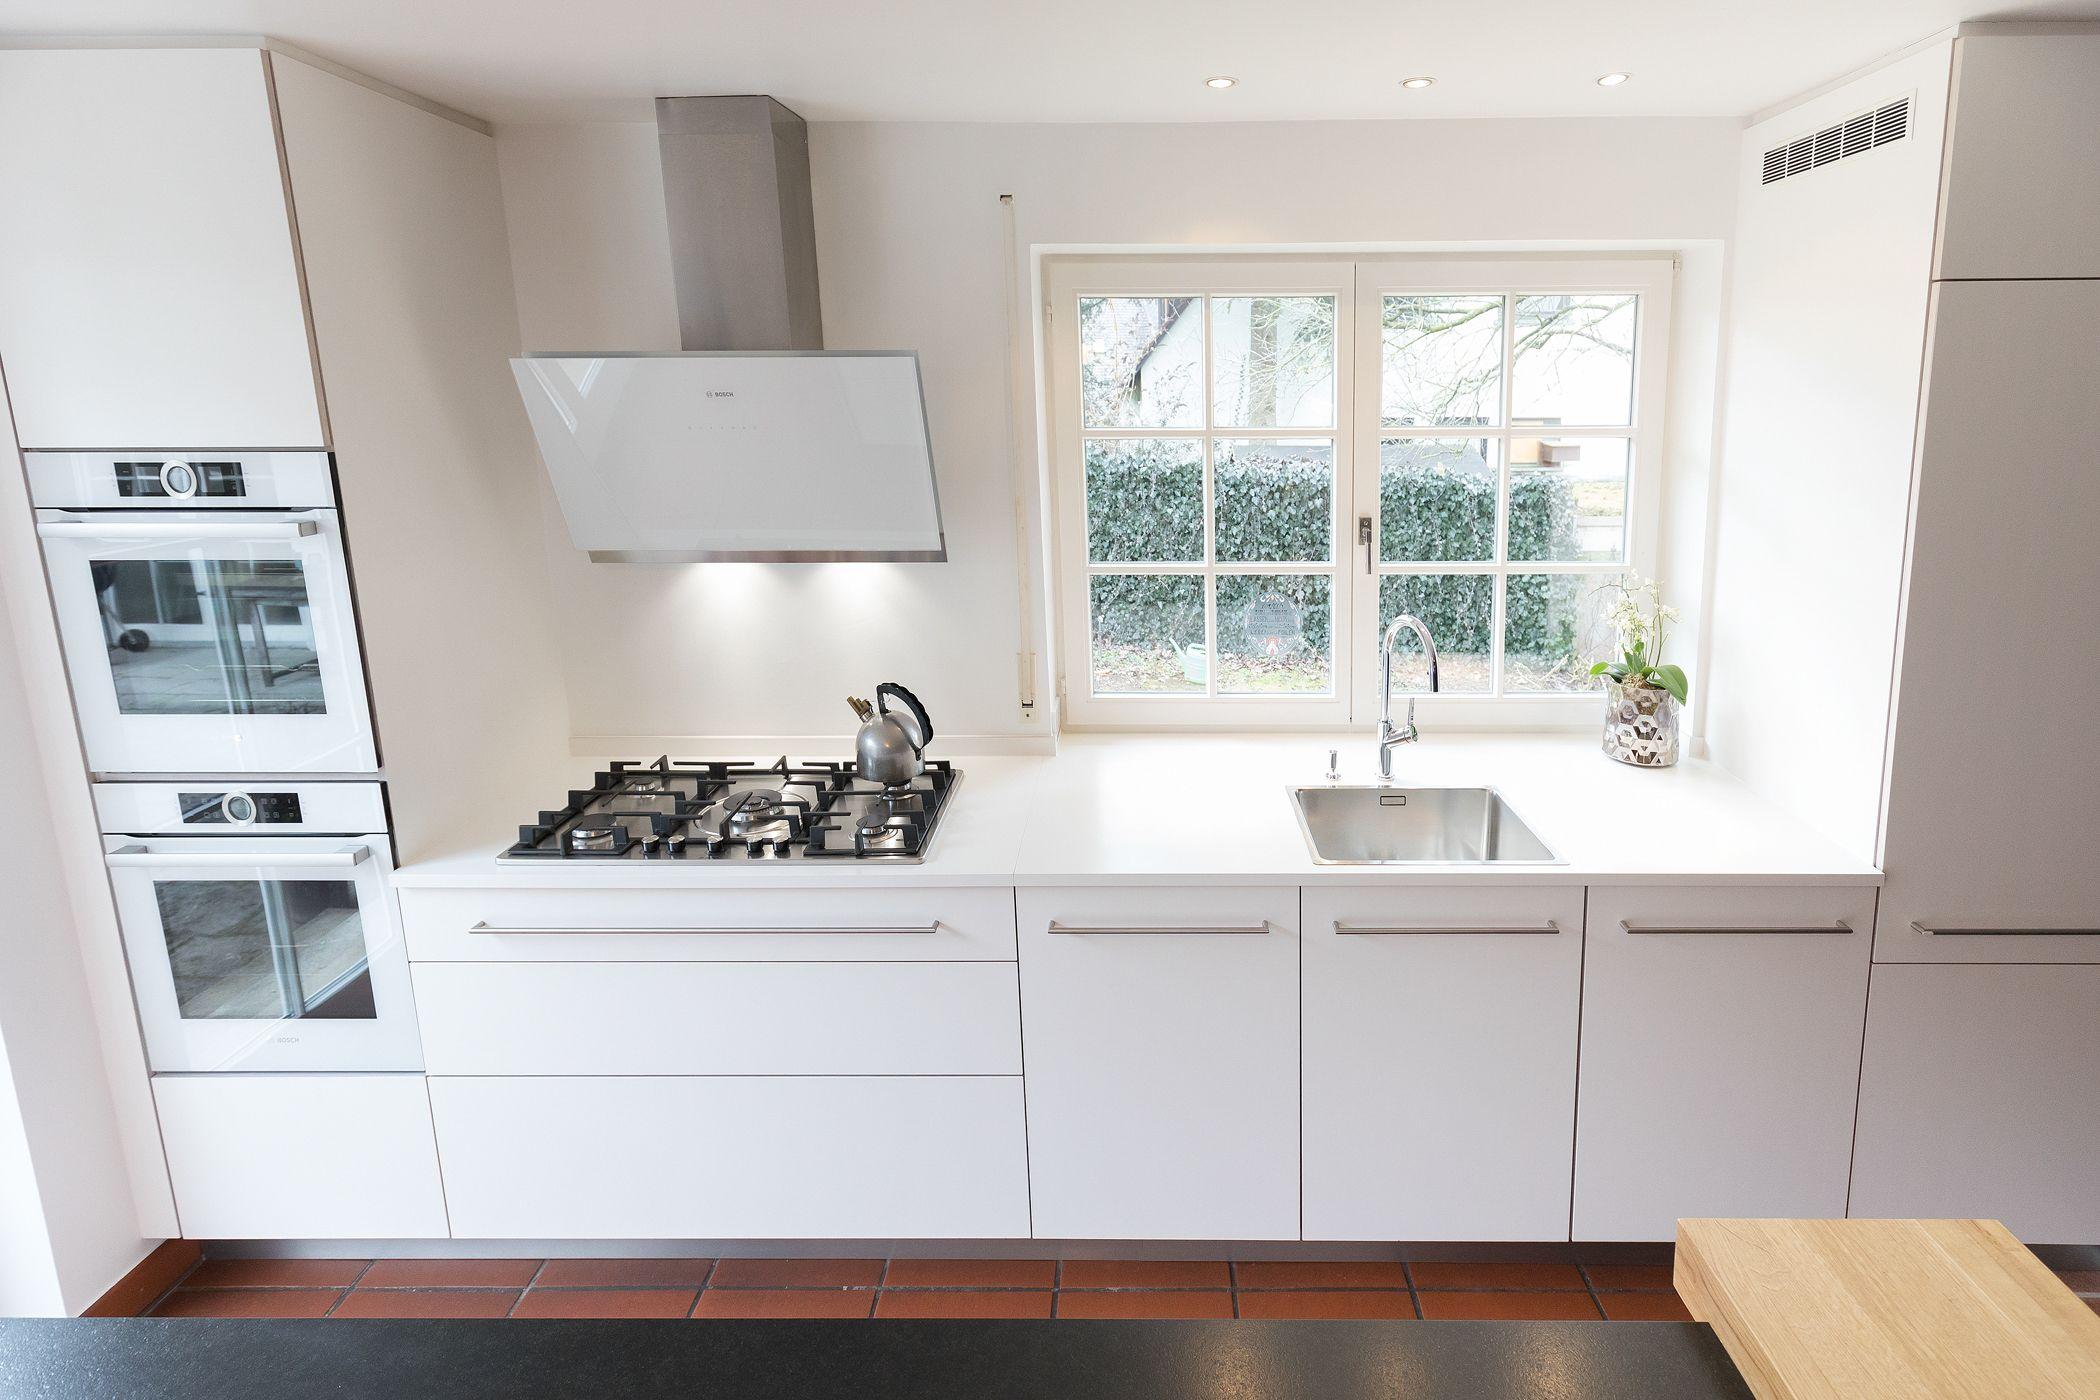 Full Size of Ikea Küche Planen Kosten Wo Günstig Küche Planen Lassen Ikea Küche Planen Lassen Kosten Arbeitsplatte Küche Planen Küche Küche Planen